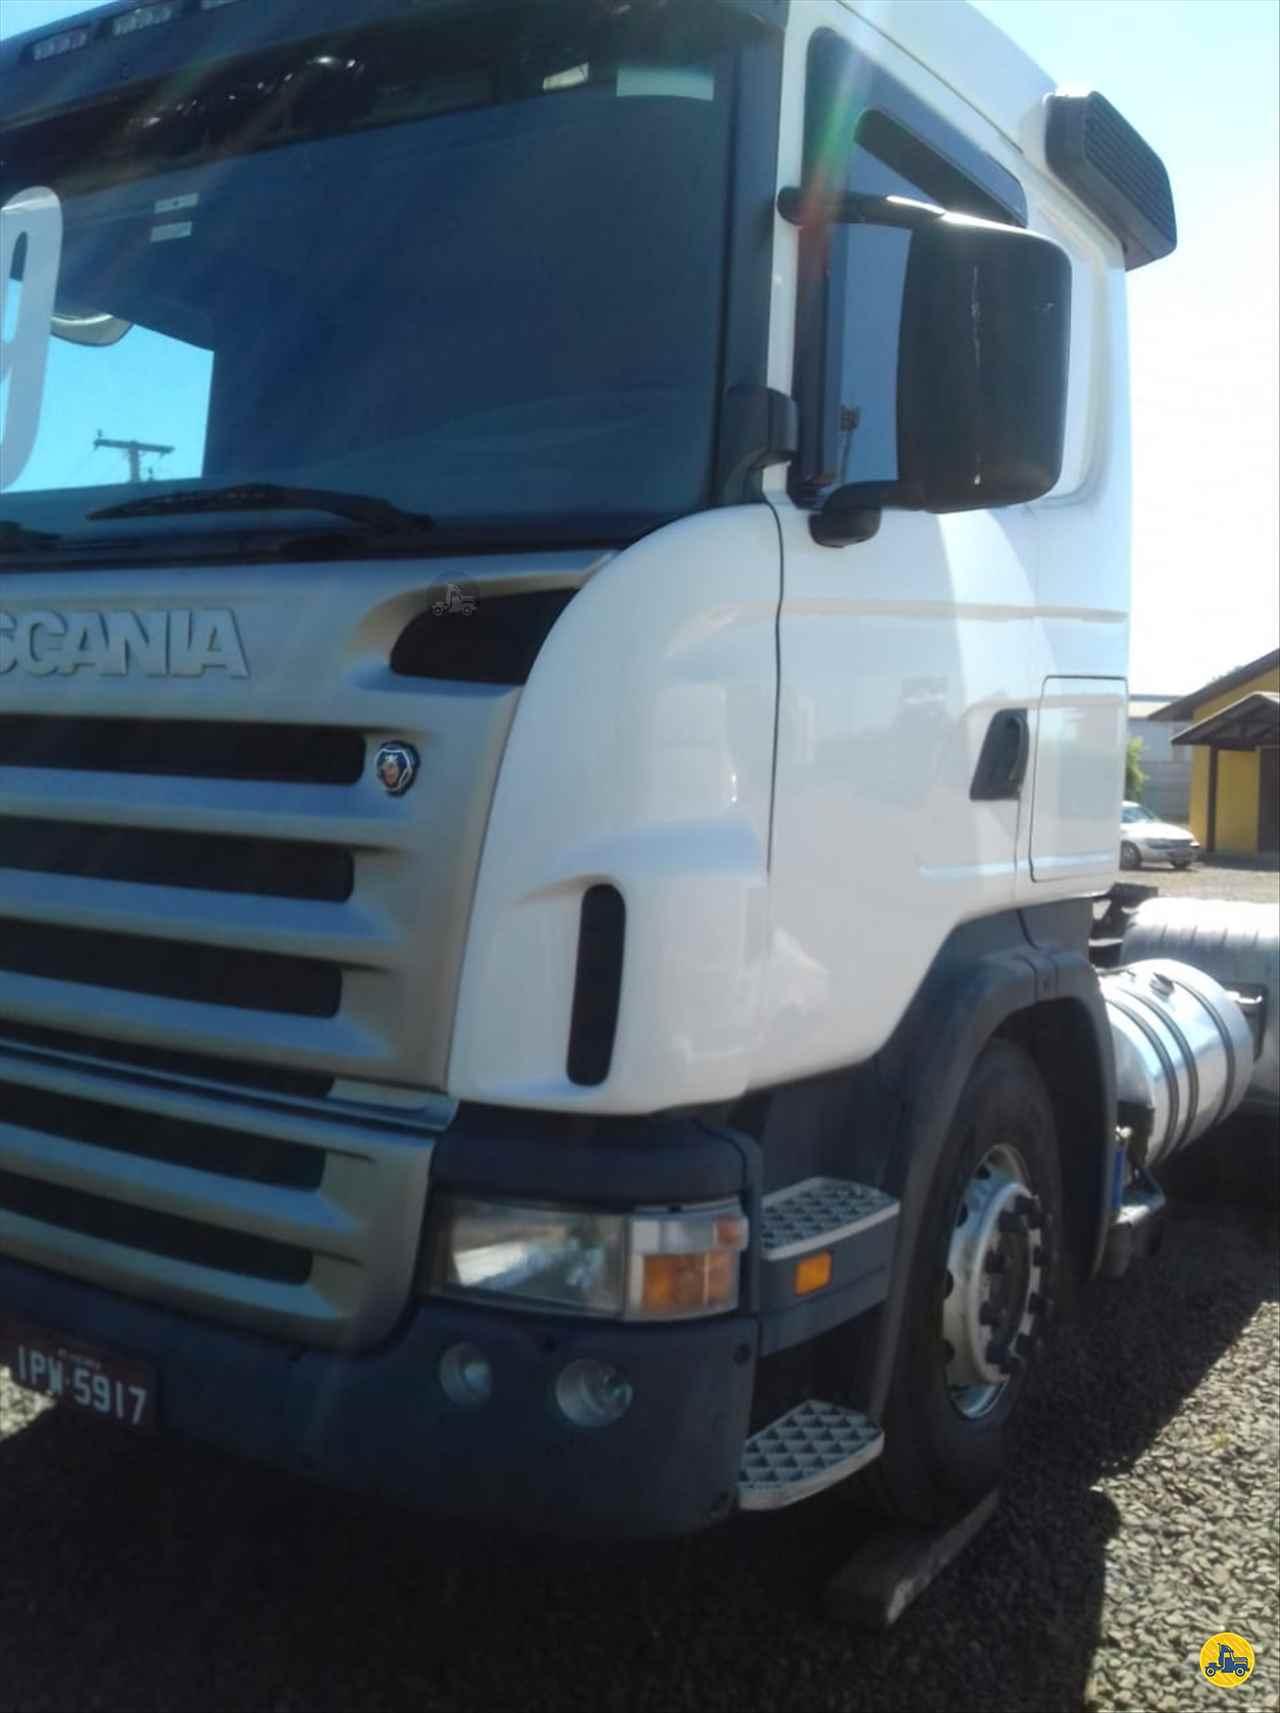 CAMINHAO SCANIA SCANIA 380 Cavalo Mecânico Truck 6x2 Zanon Caminhões e Implementos PASSO FUNDO RIO GRANDE DO SUL RS